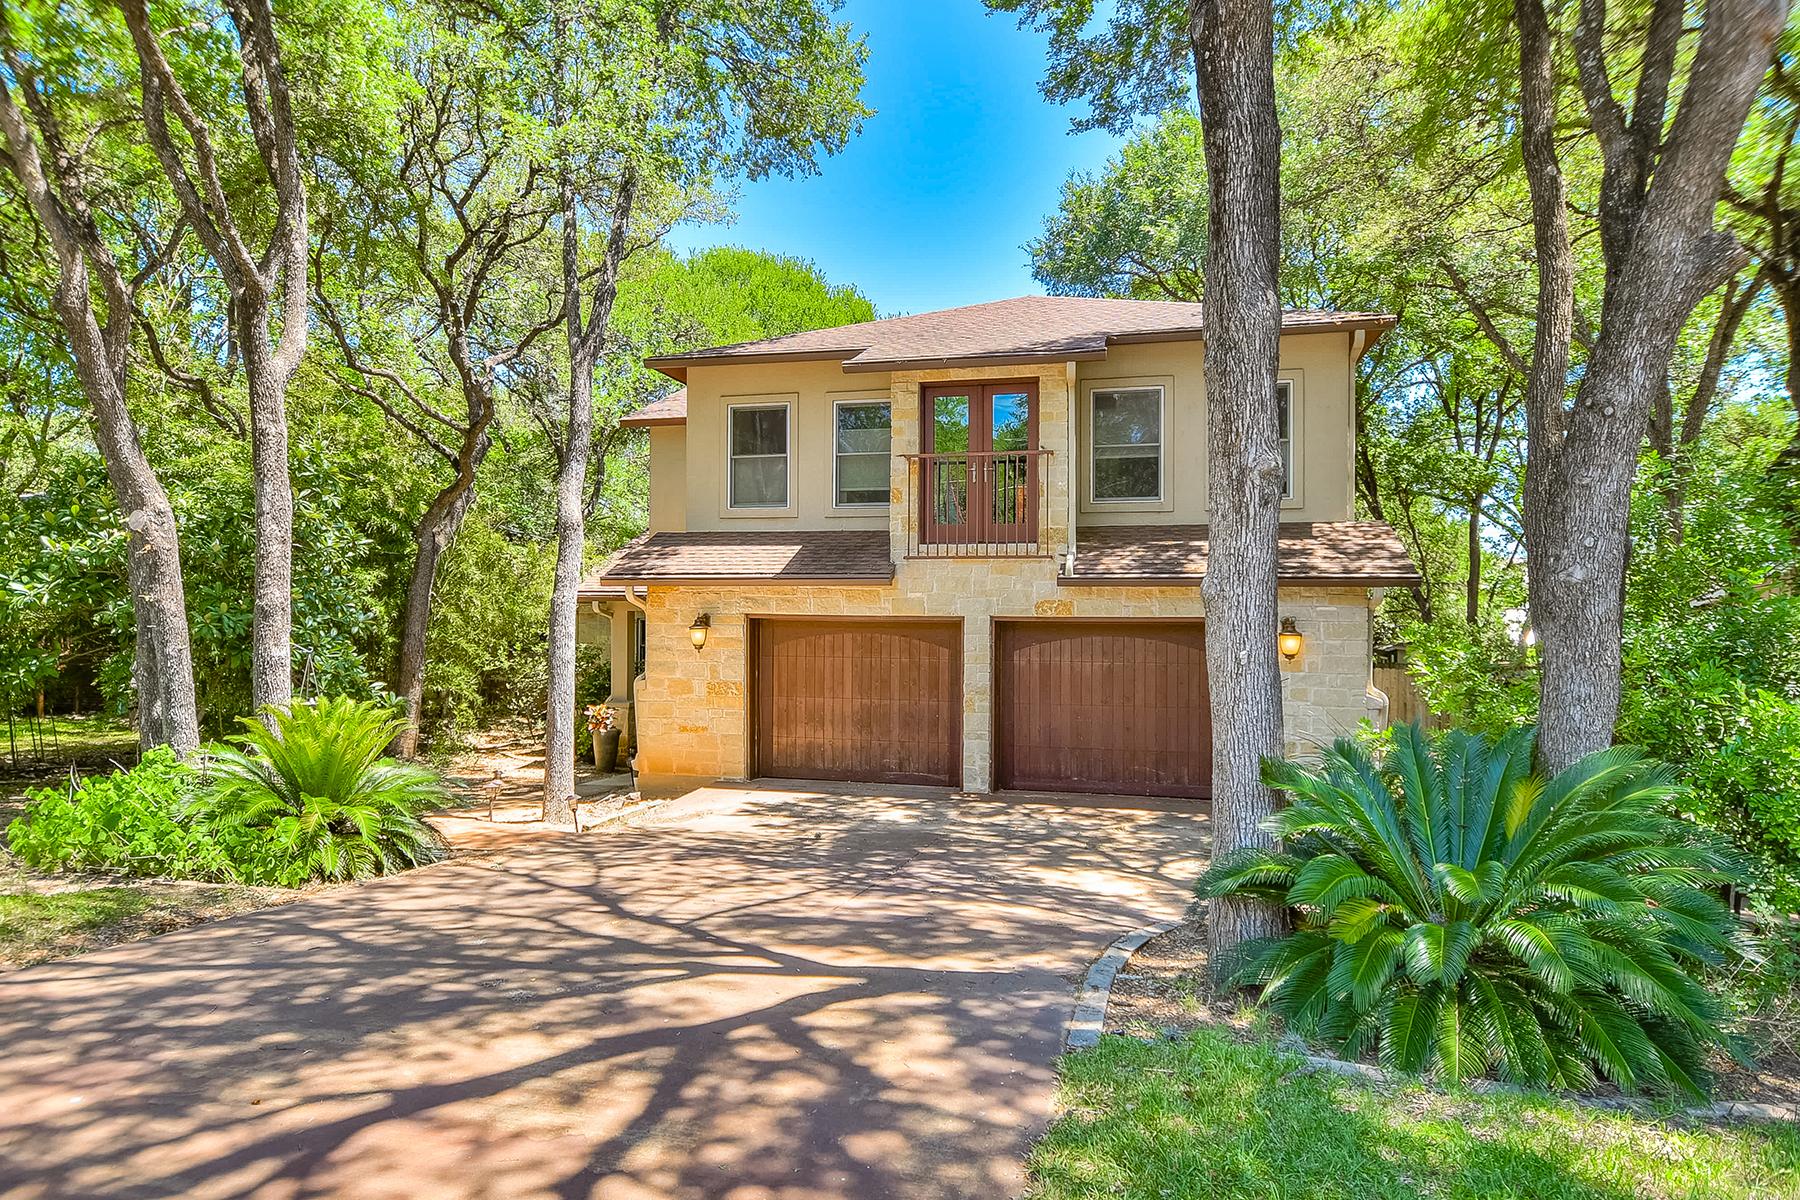 Частный односемейный дом для того Продажа на Beautiful Home in Rollingwood 417 Ridgewood Rd Austin, Техас, 78746 Соединенные Штаты